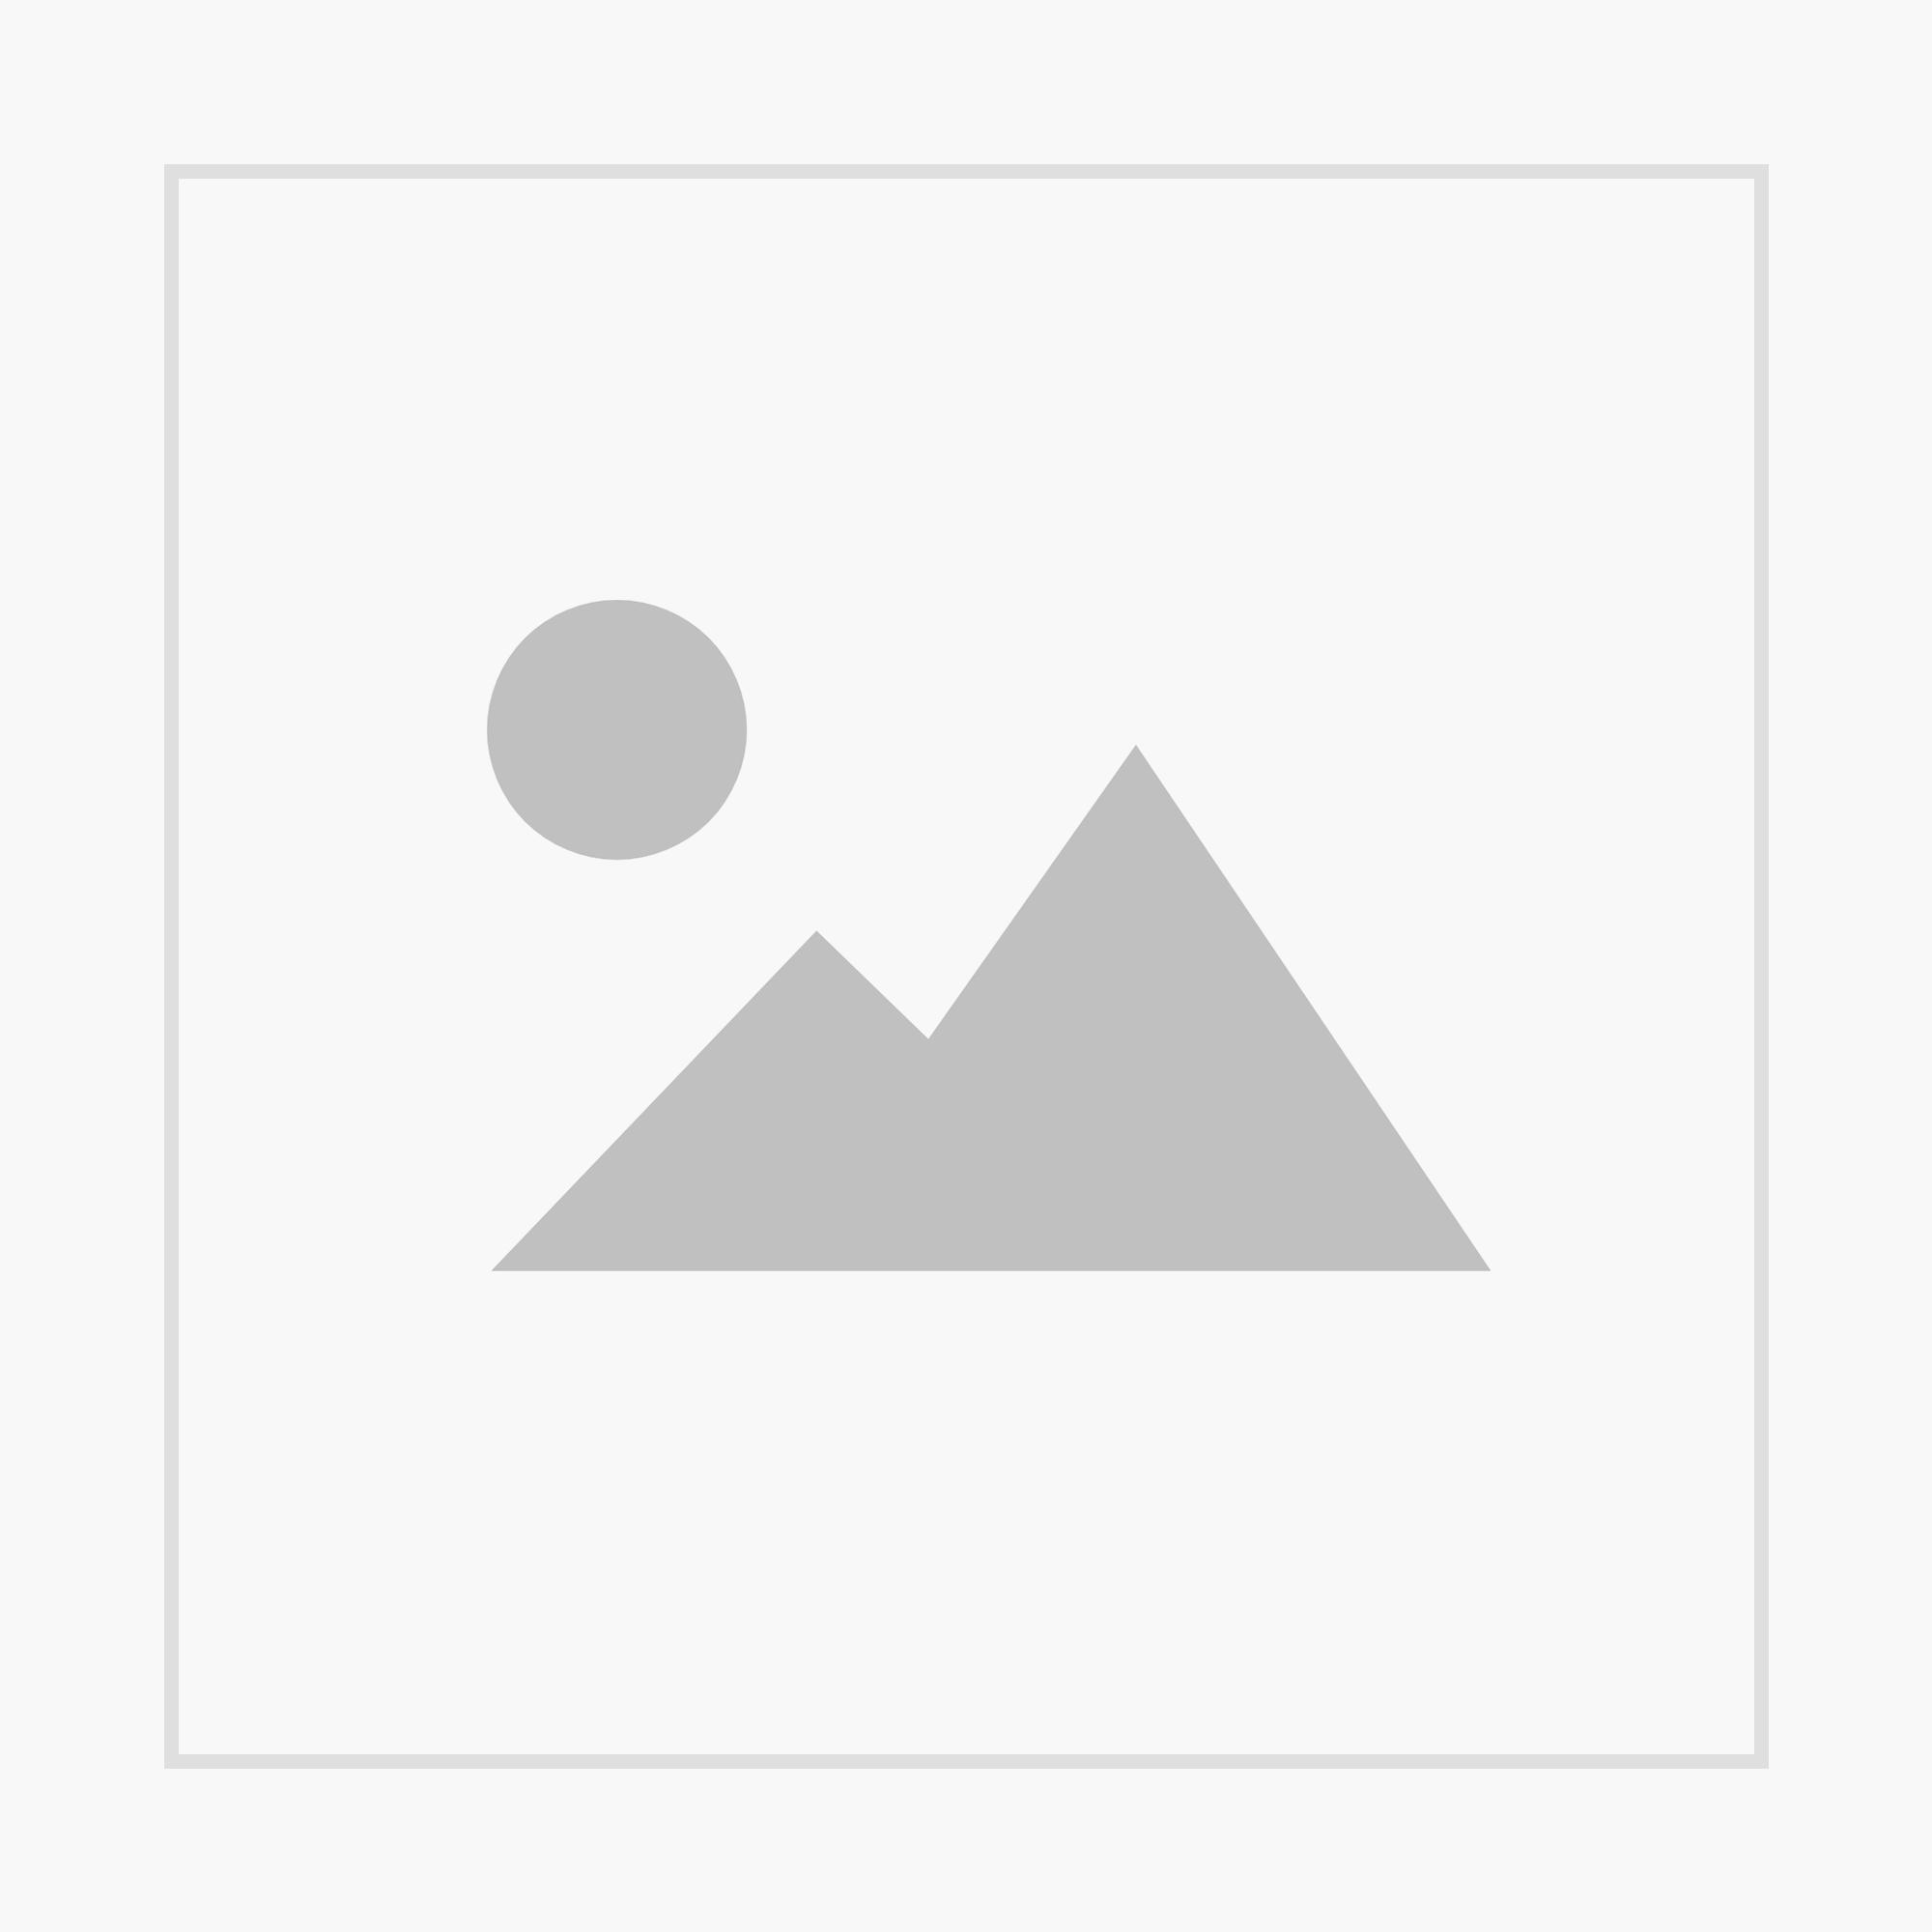 Daten zur Natur 2012